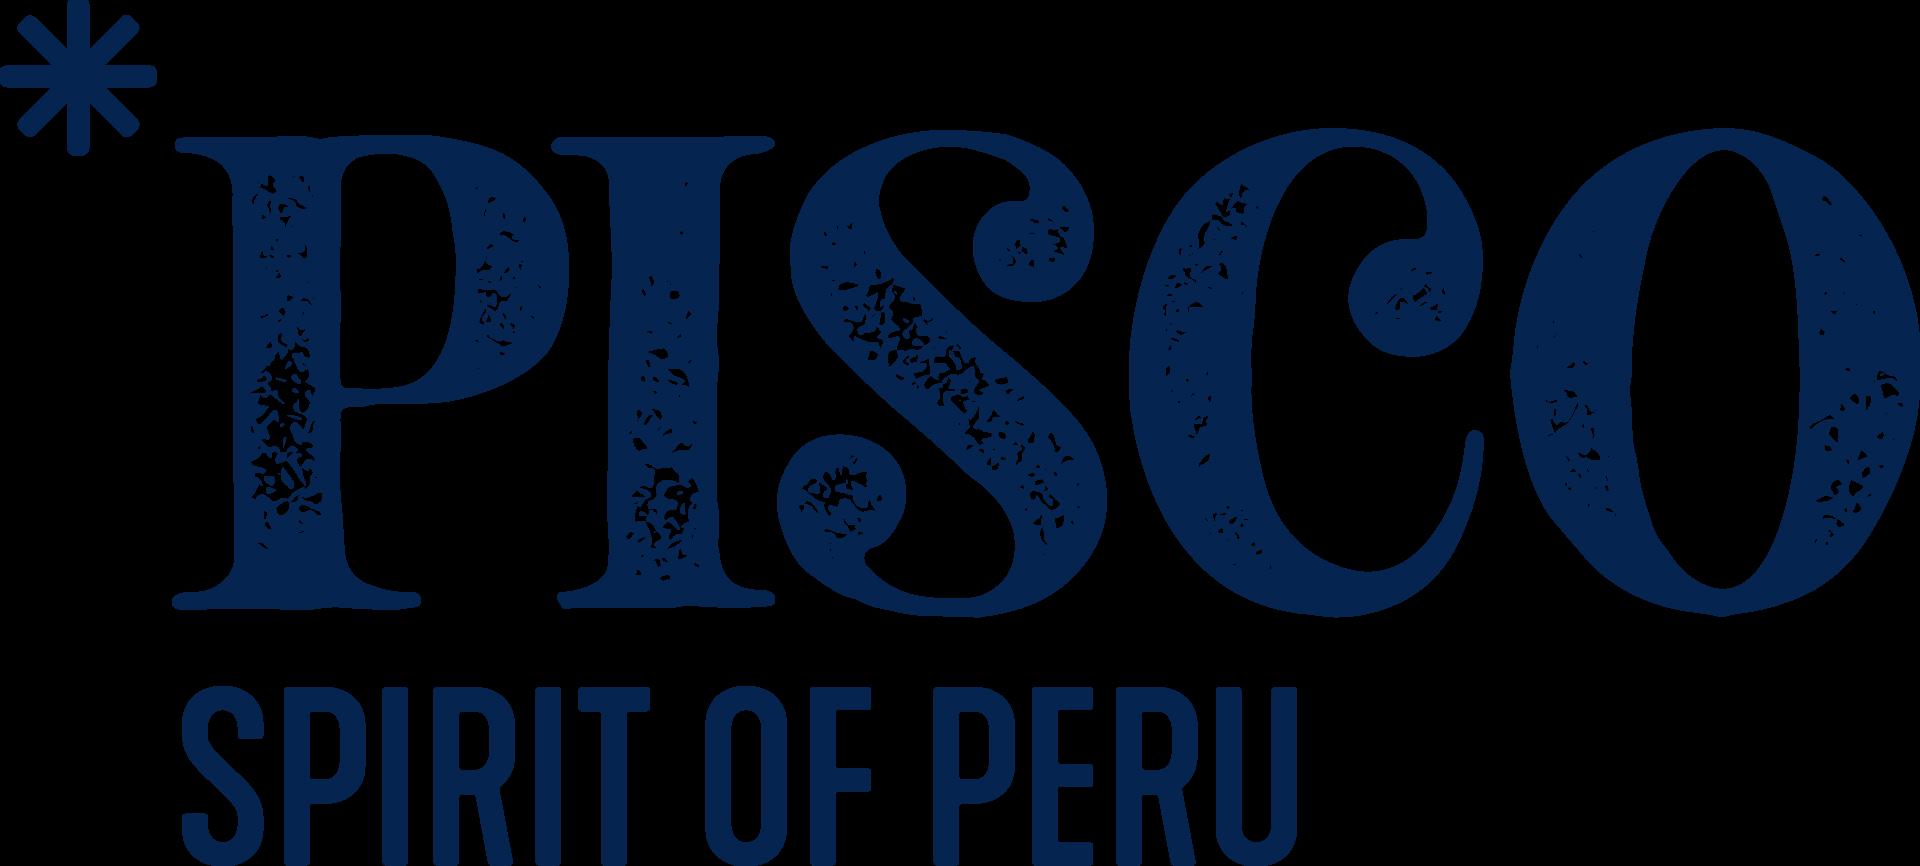 Pisco, Spirit of Perú